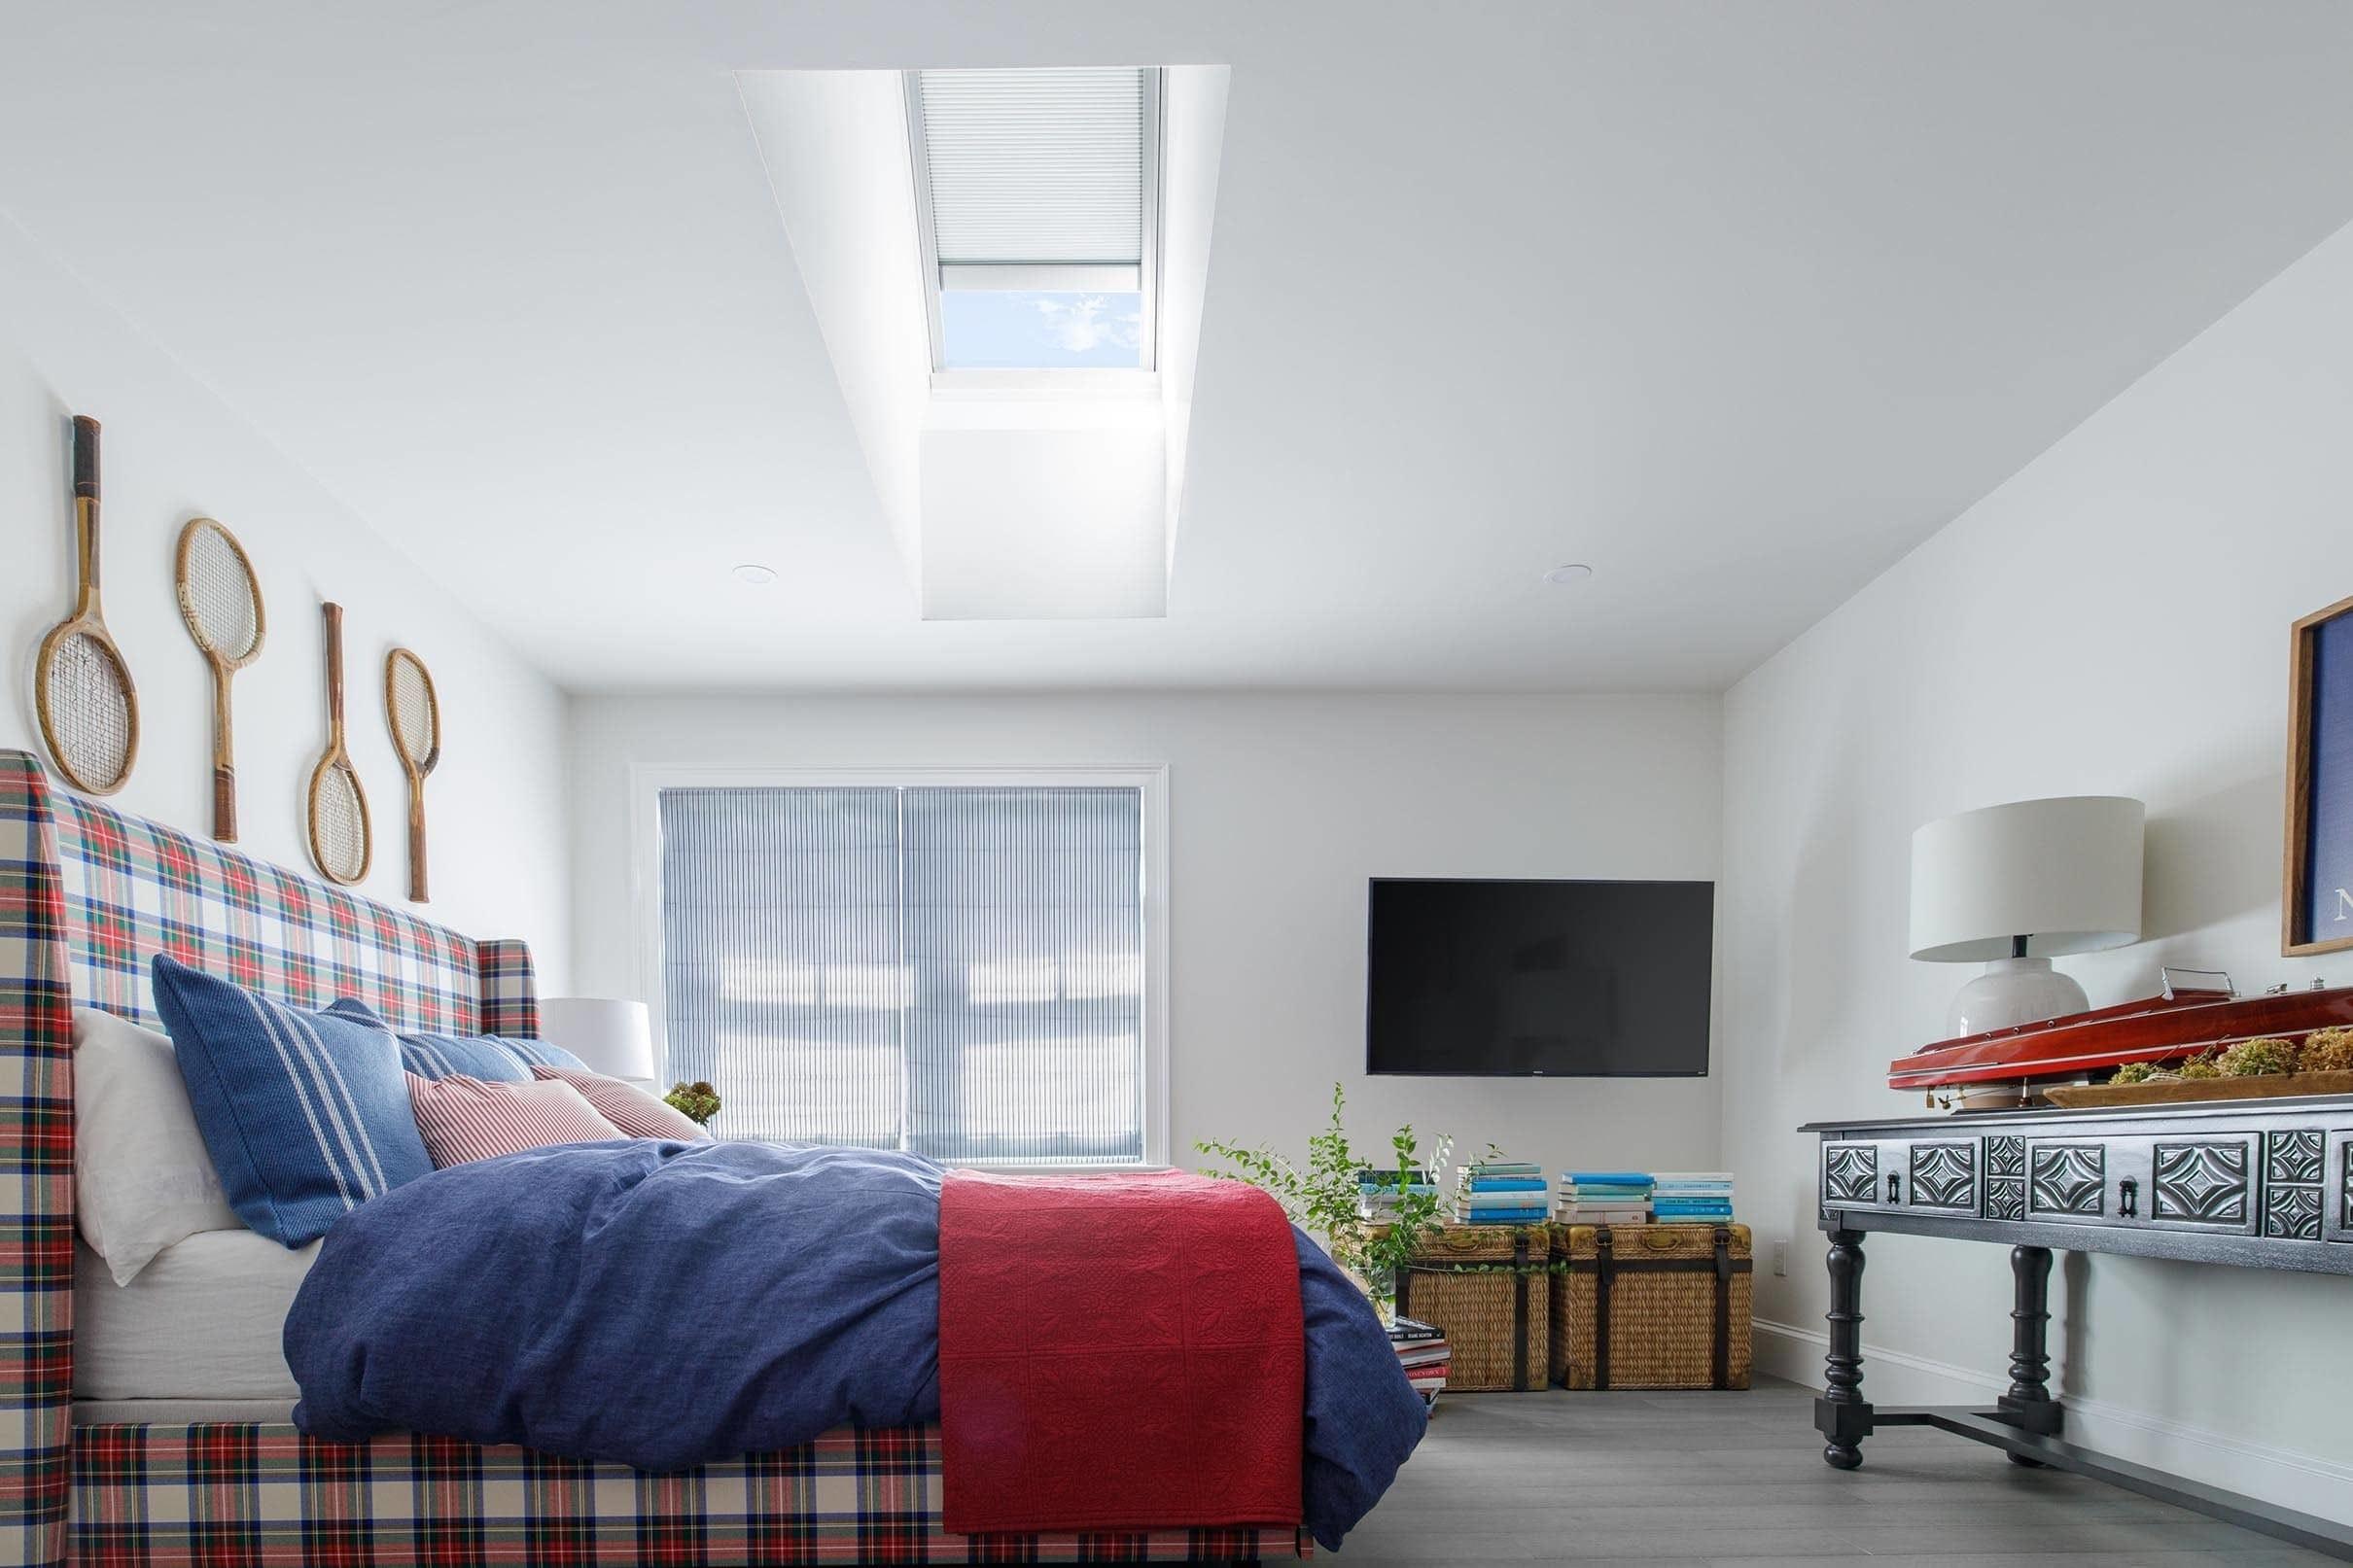 Plaid bedroom skylight